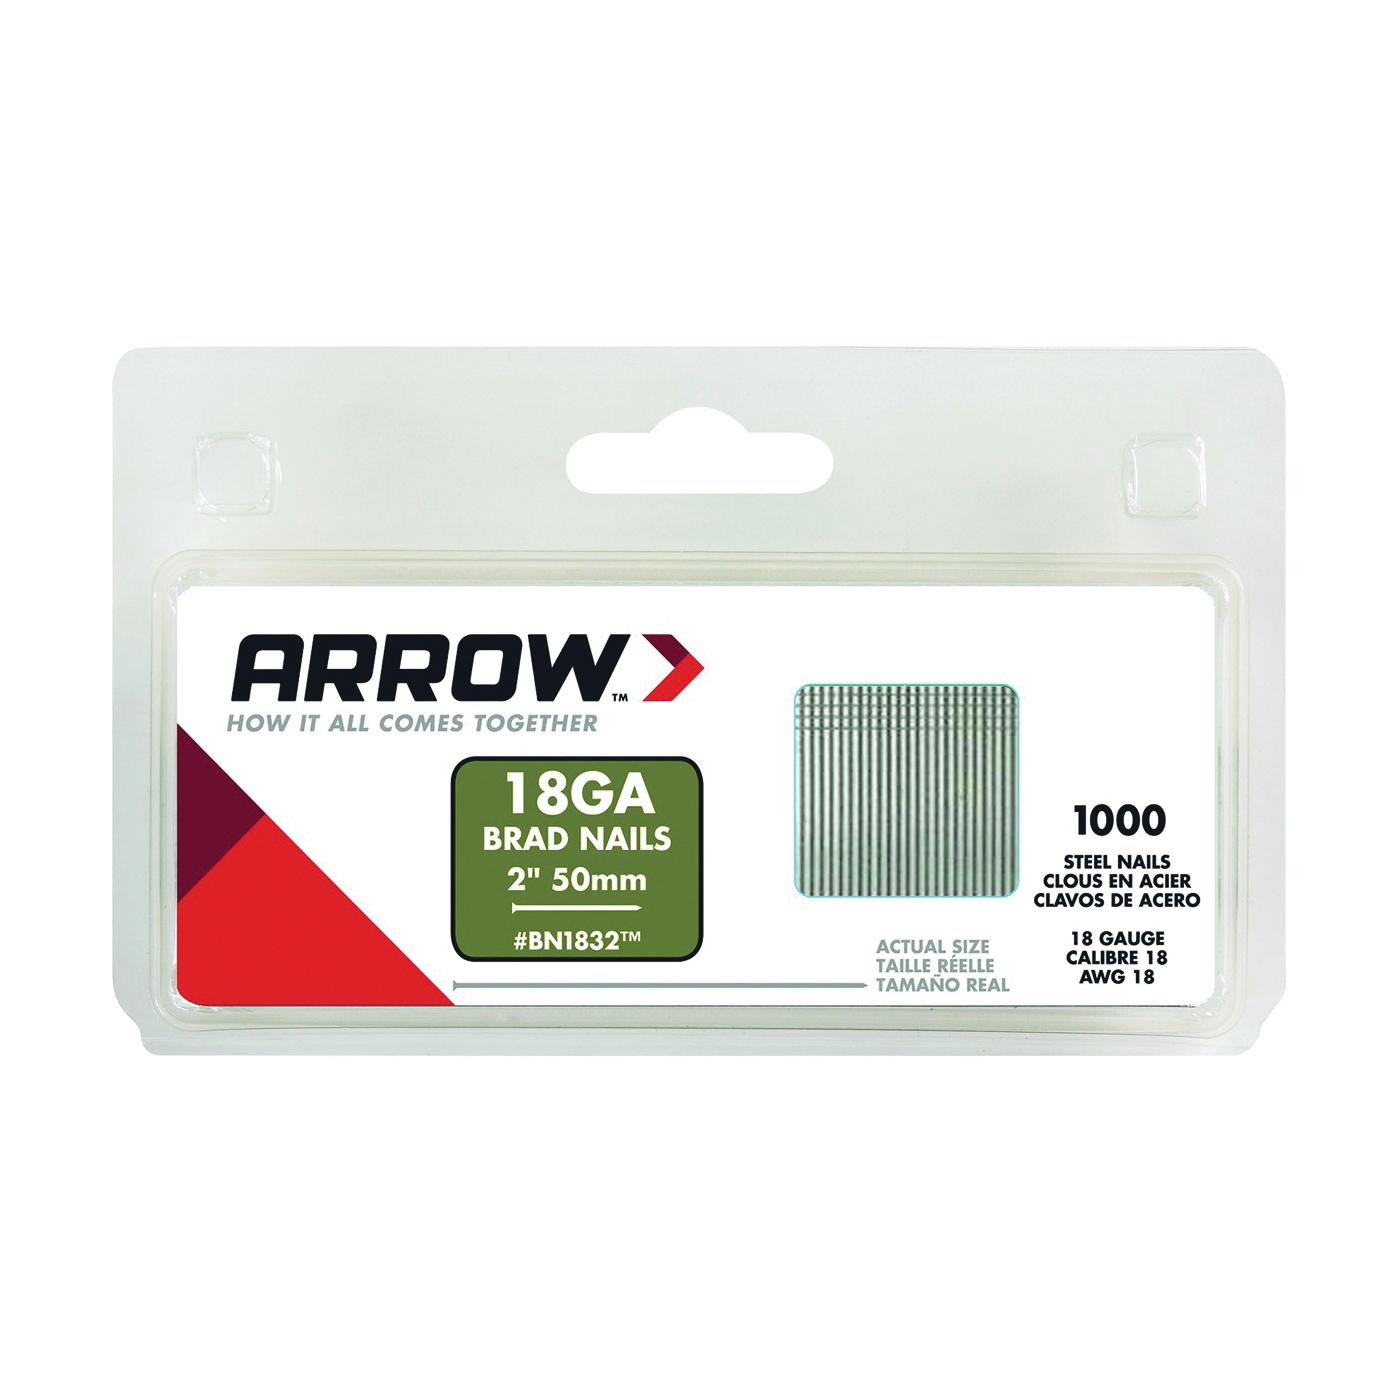 Arrow BN1820CS